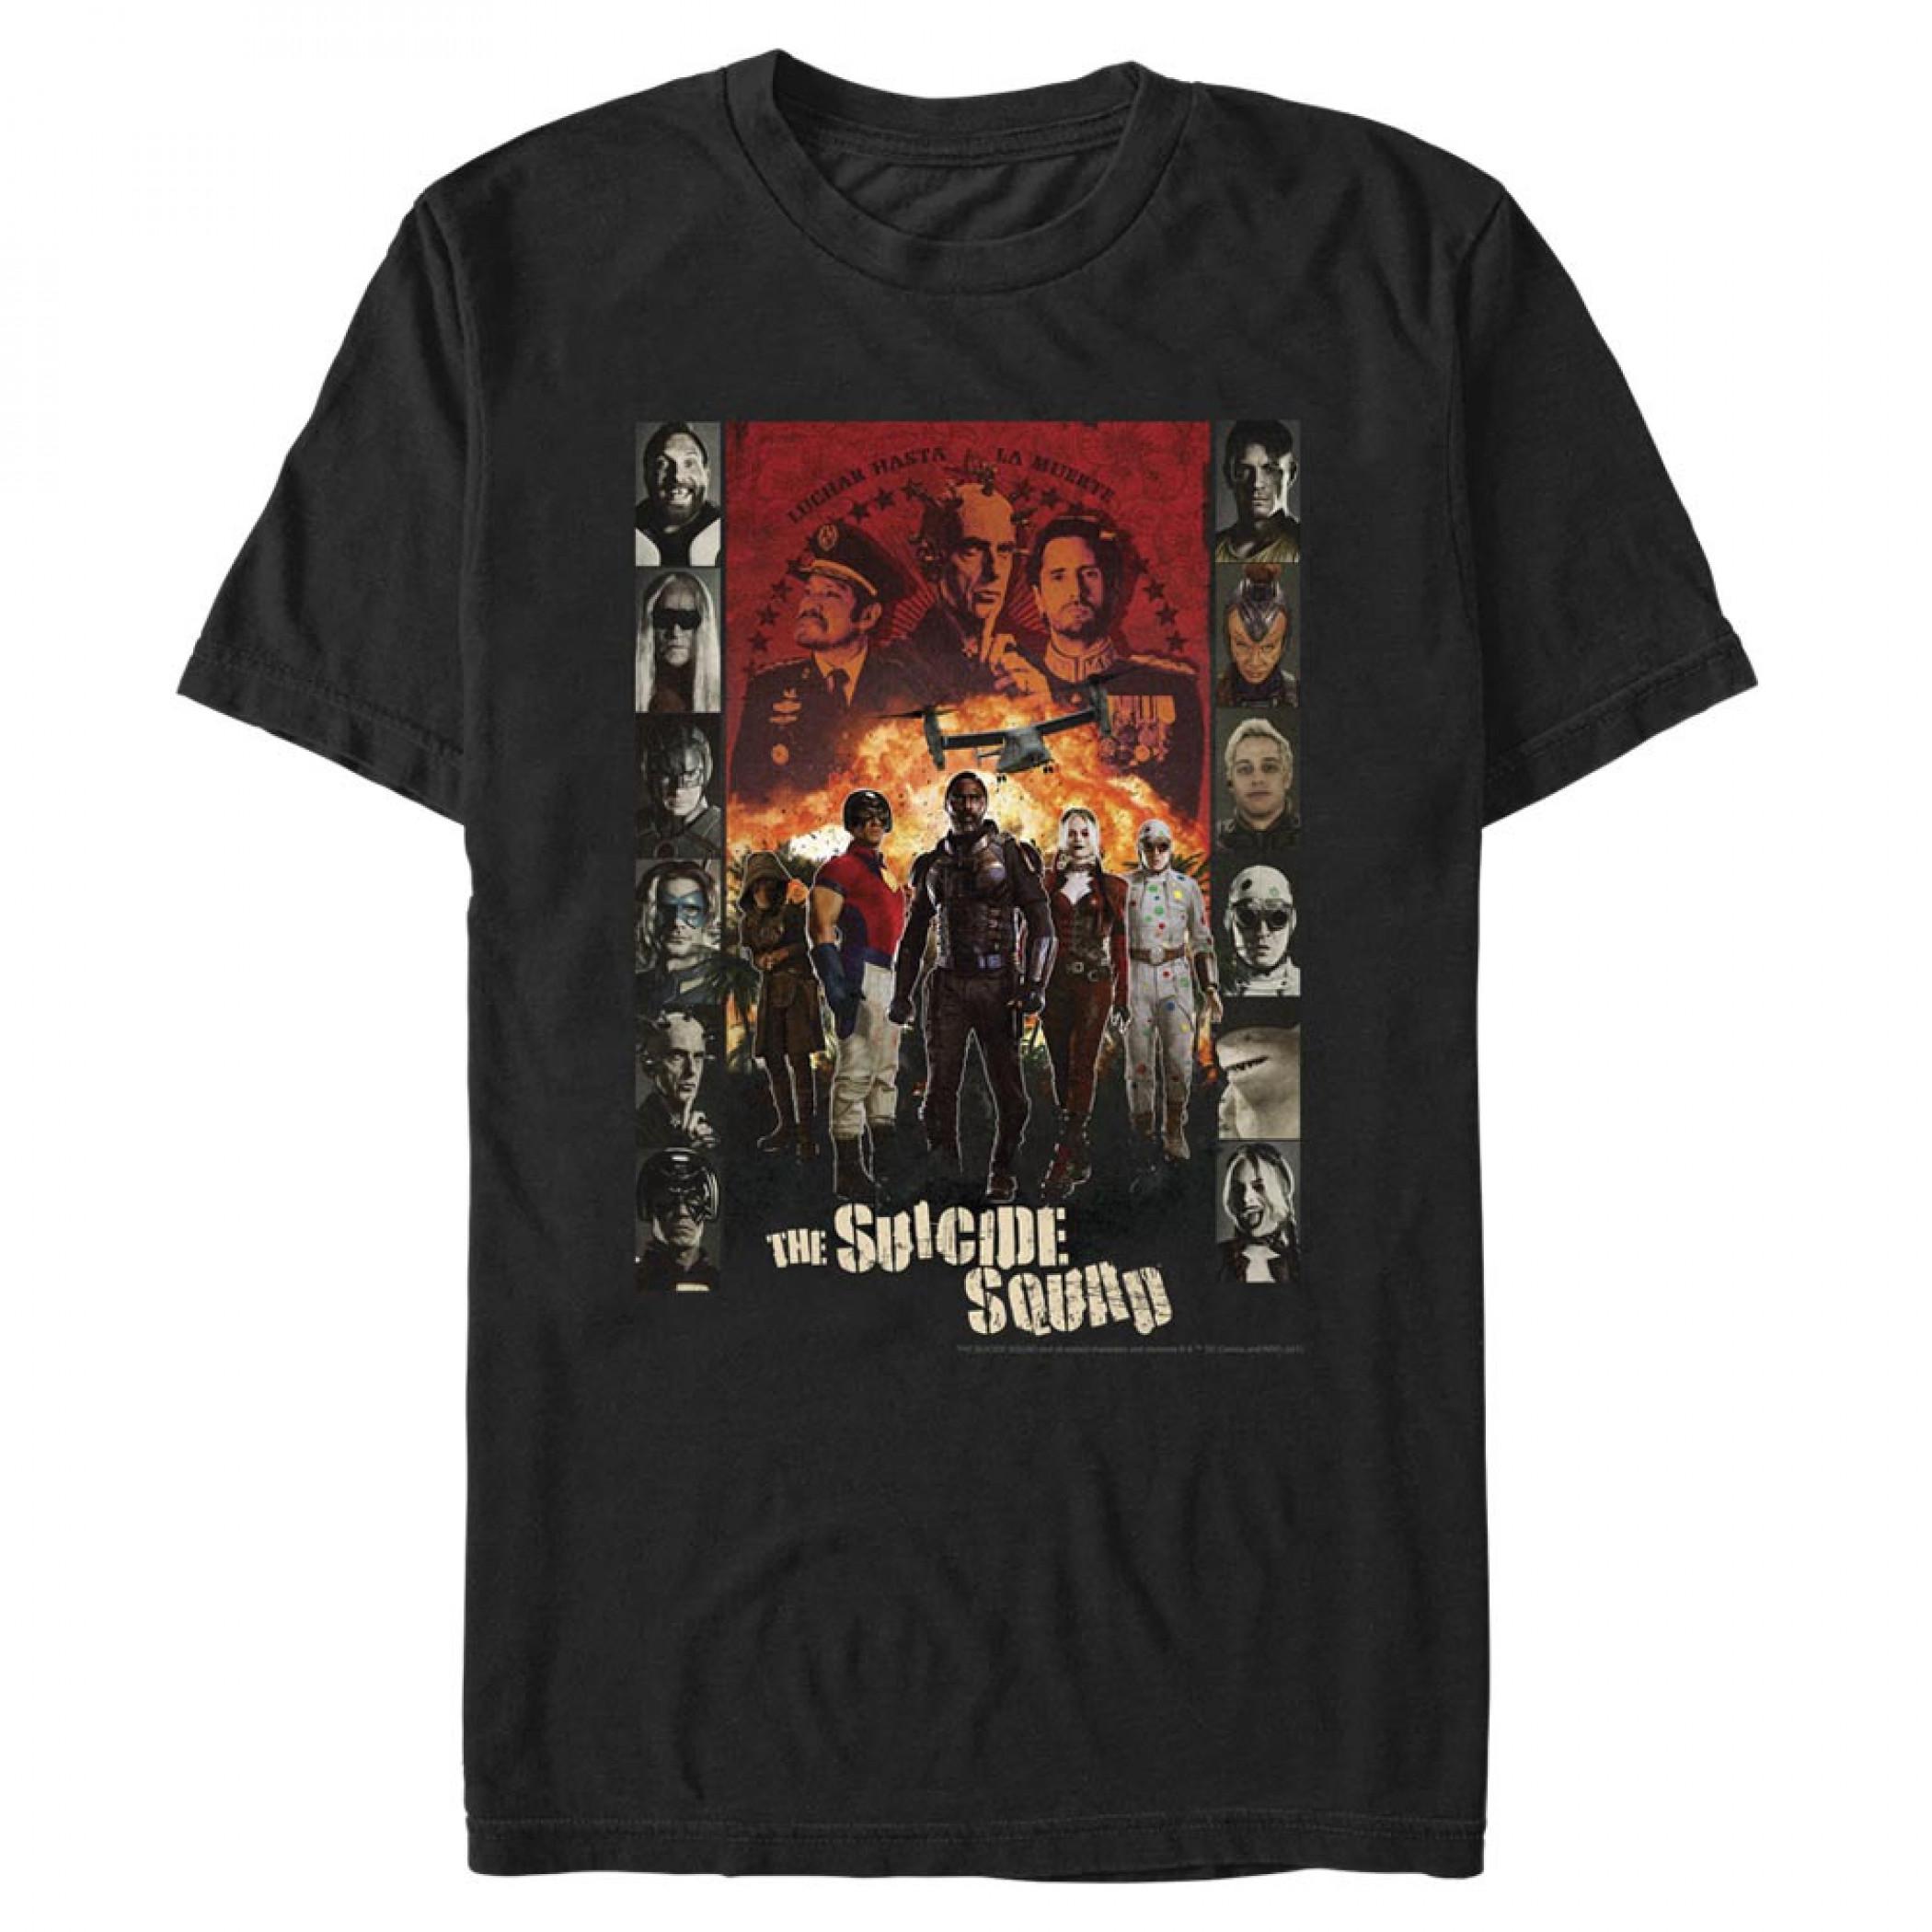 The Suicide Squad Character Cast Men's T-Shirt